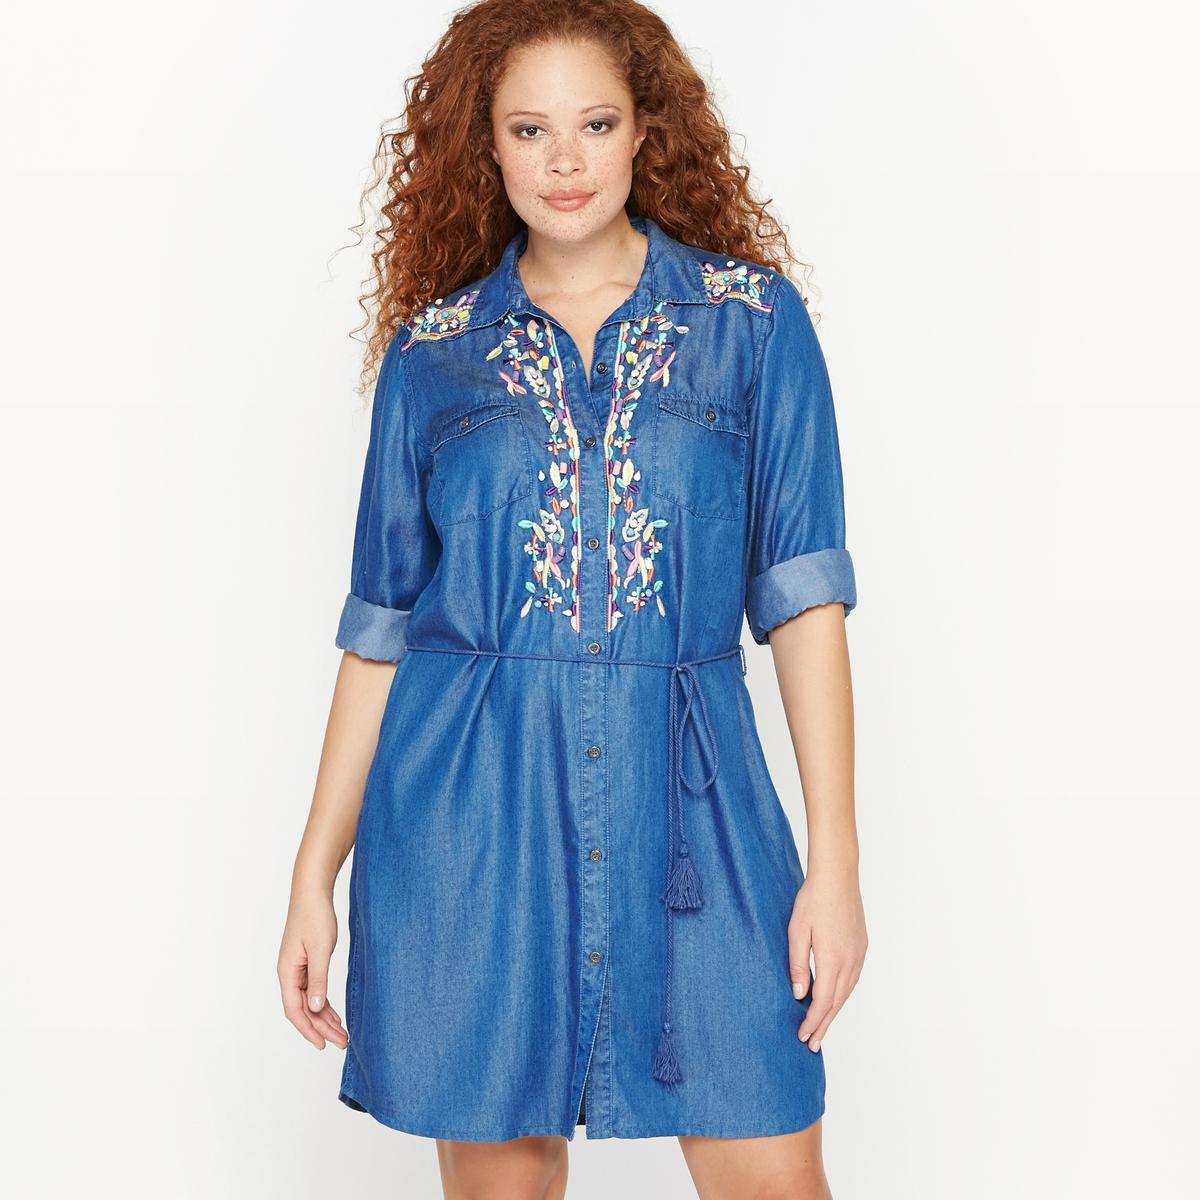 Платье-рубашка с вышивкойСостав и описание :Материал : ткань, 100% лиоцелл.Длина : 98 см для размера 48.Марка : CASTALUNAУход : Машинная стирка при 40 °С.<br><br>Цвет: синий деним